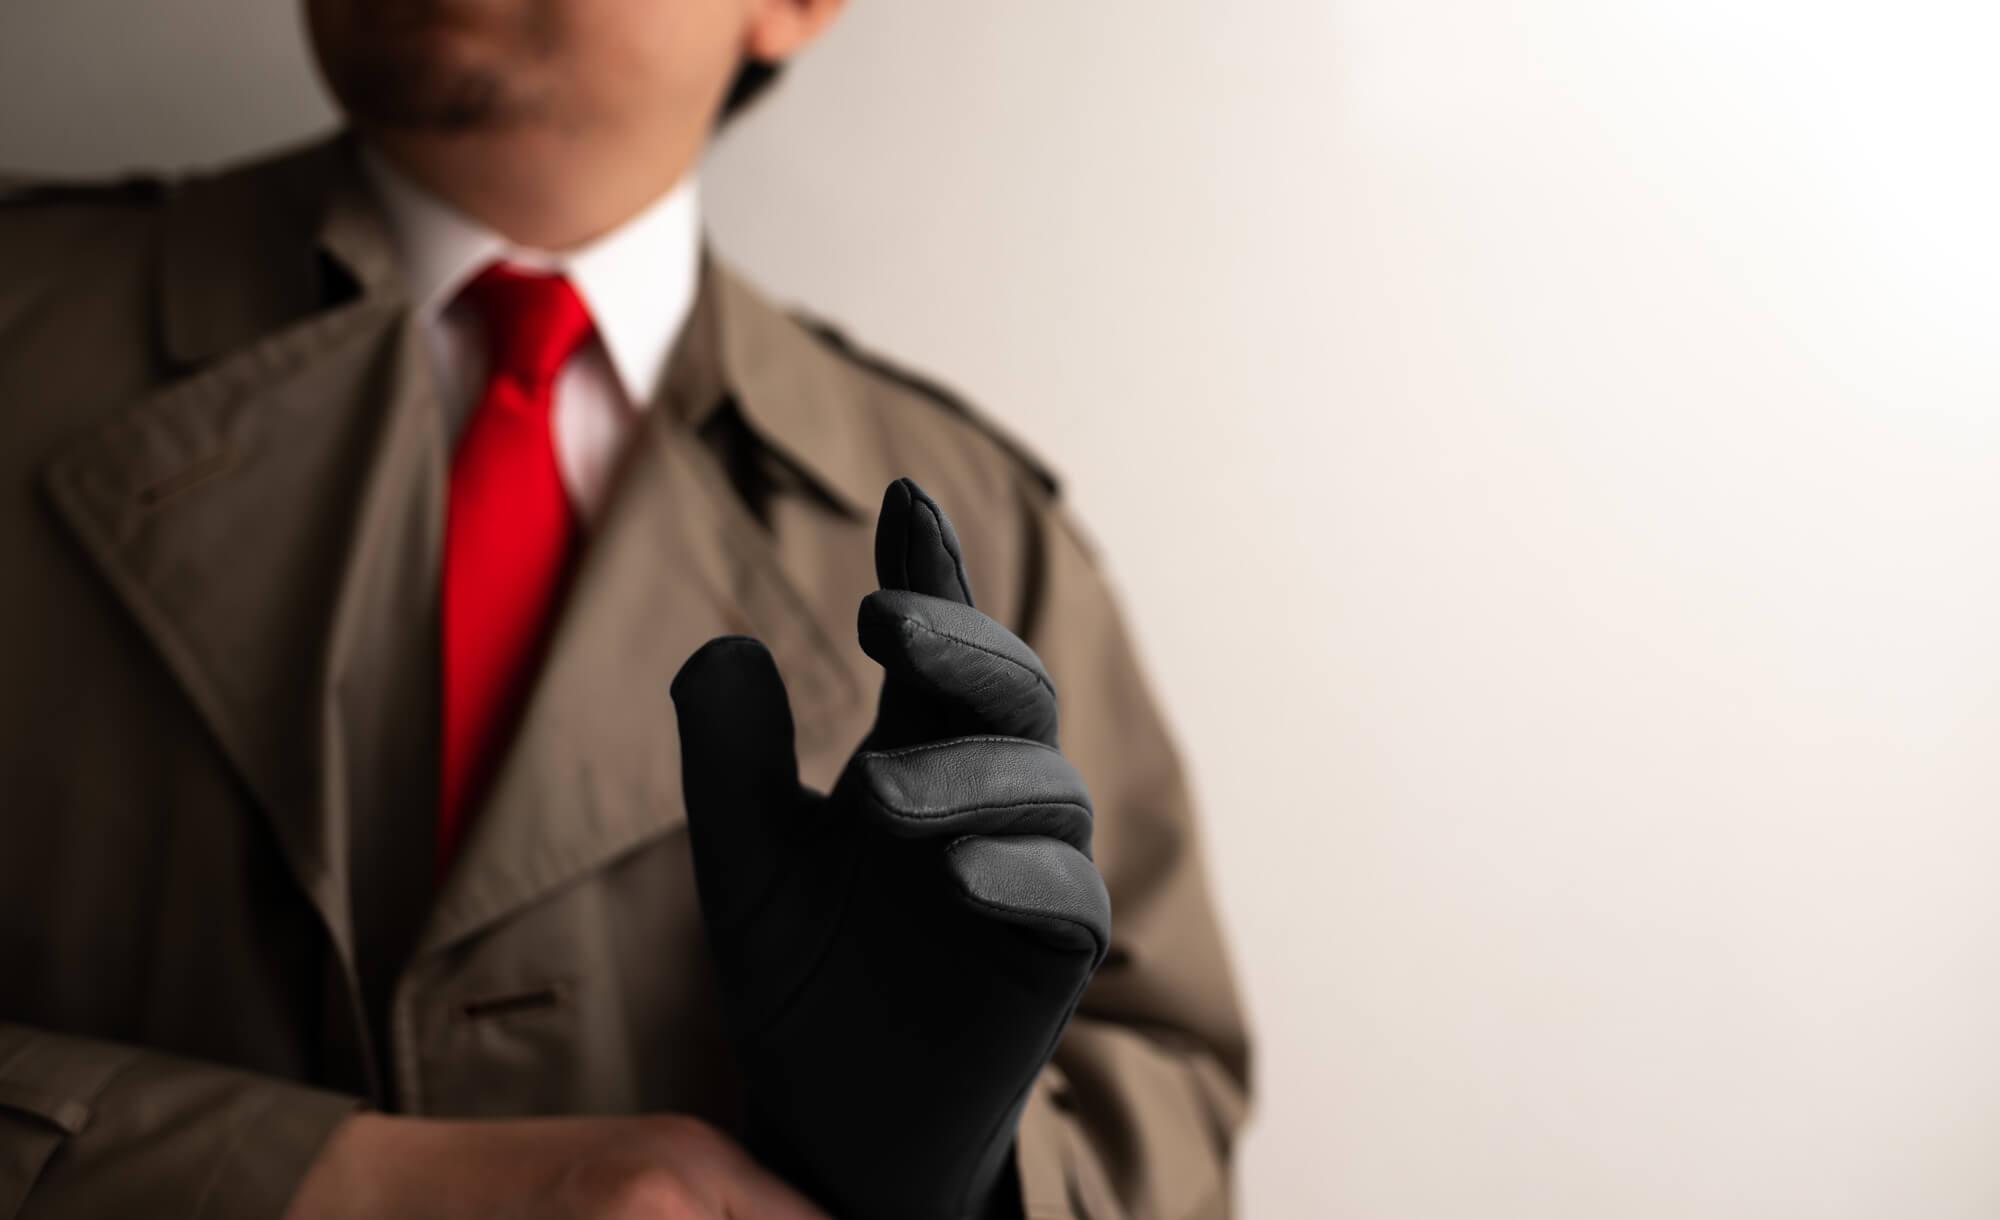 探偵事務所に依頼をする